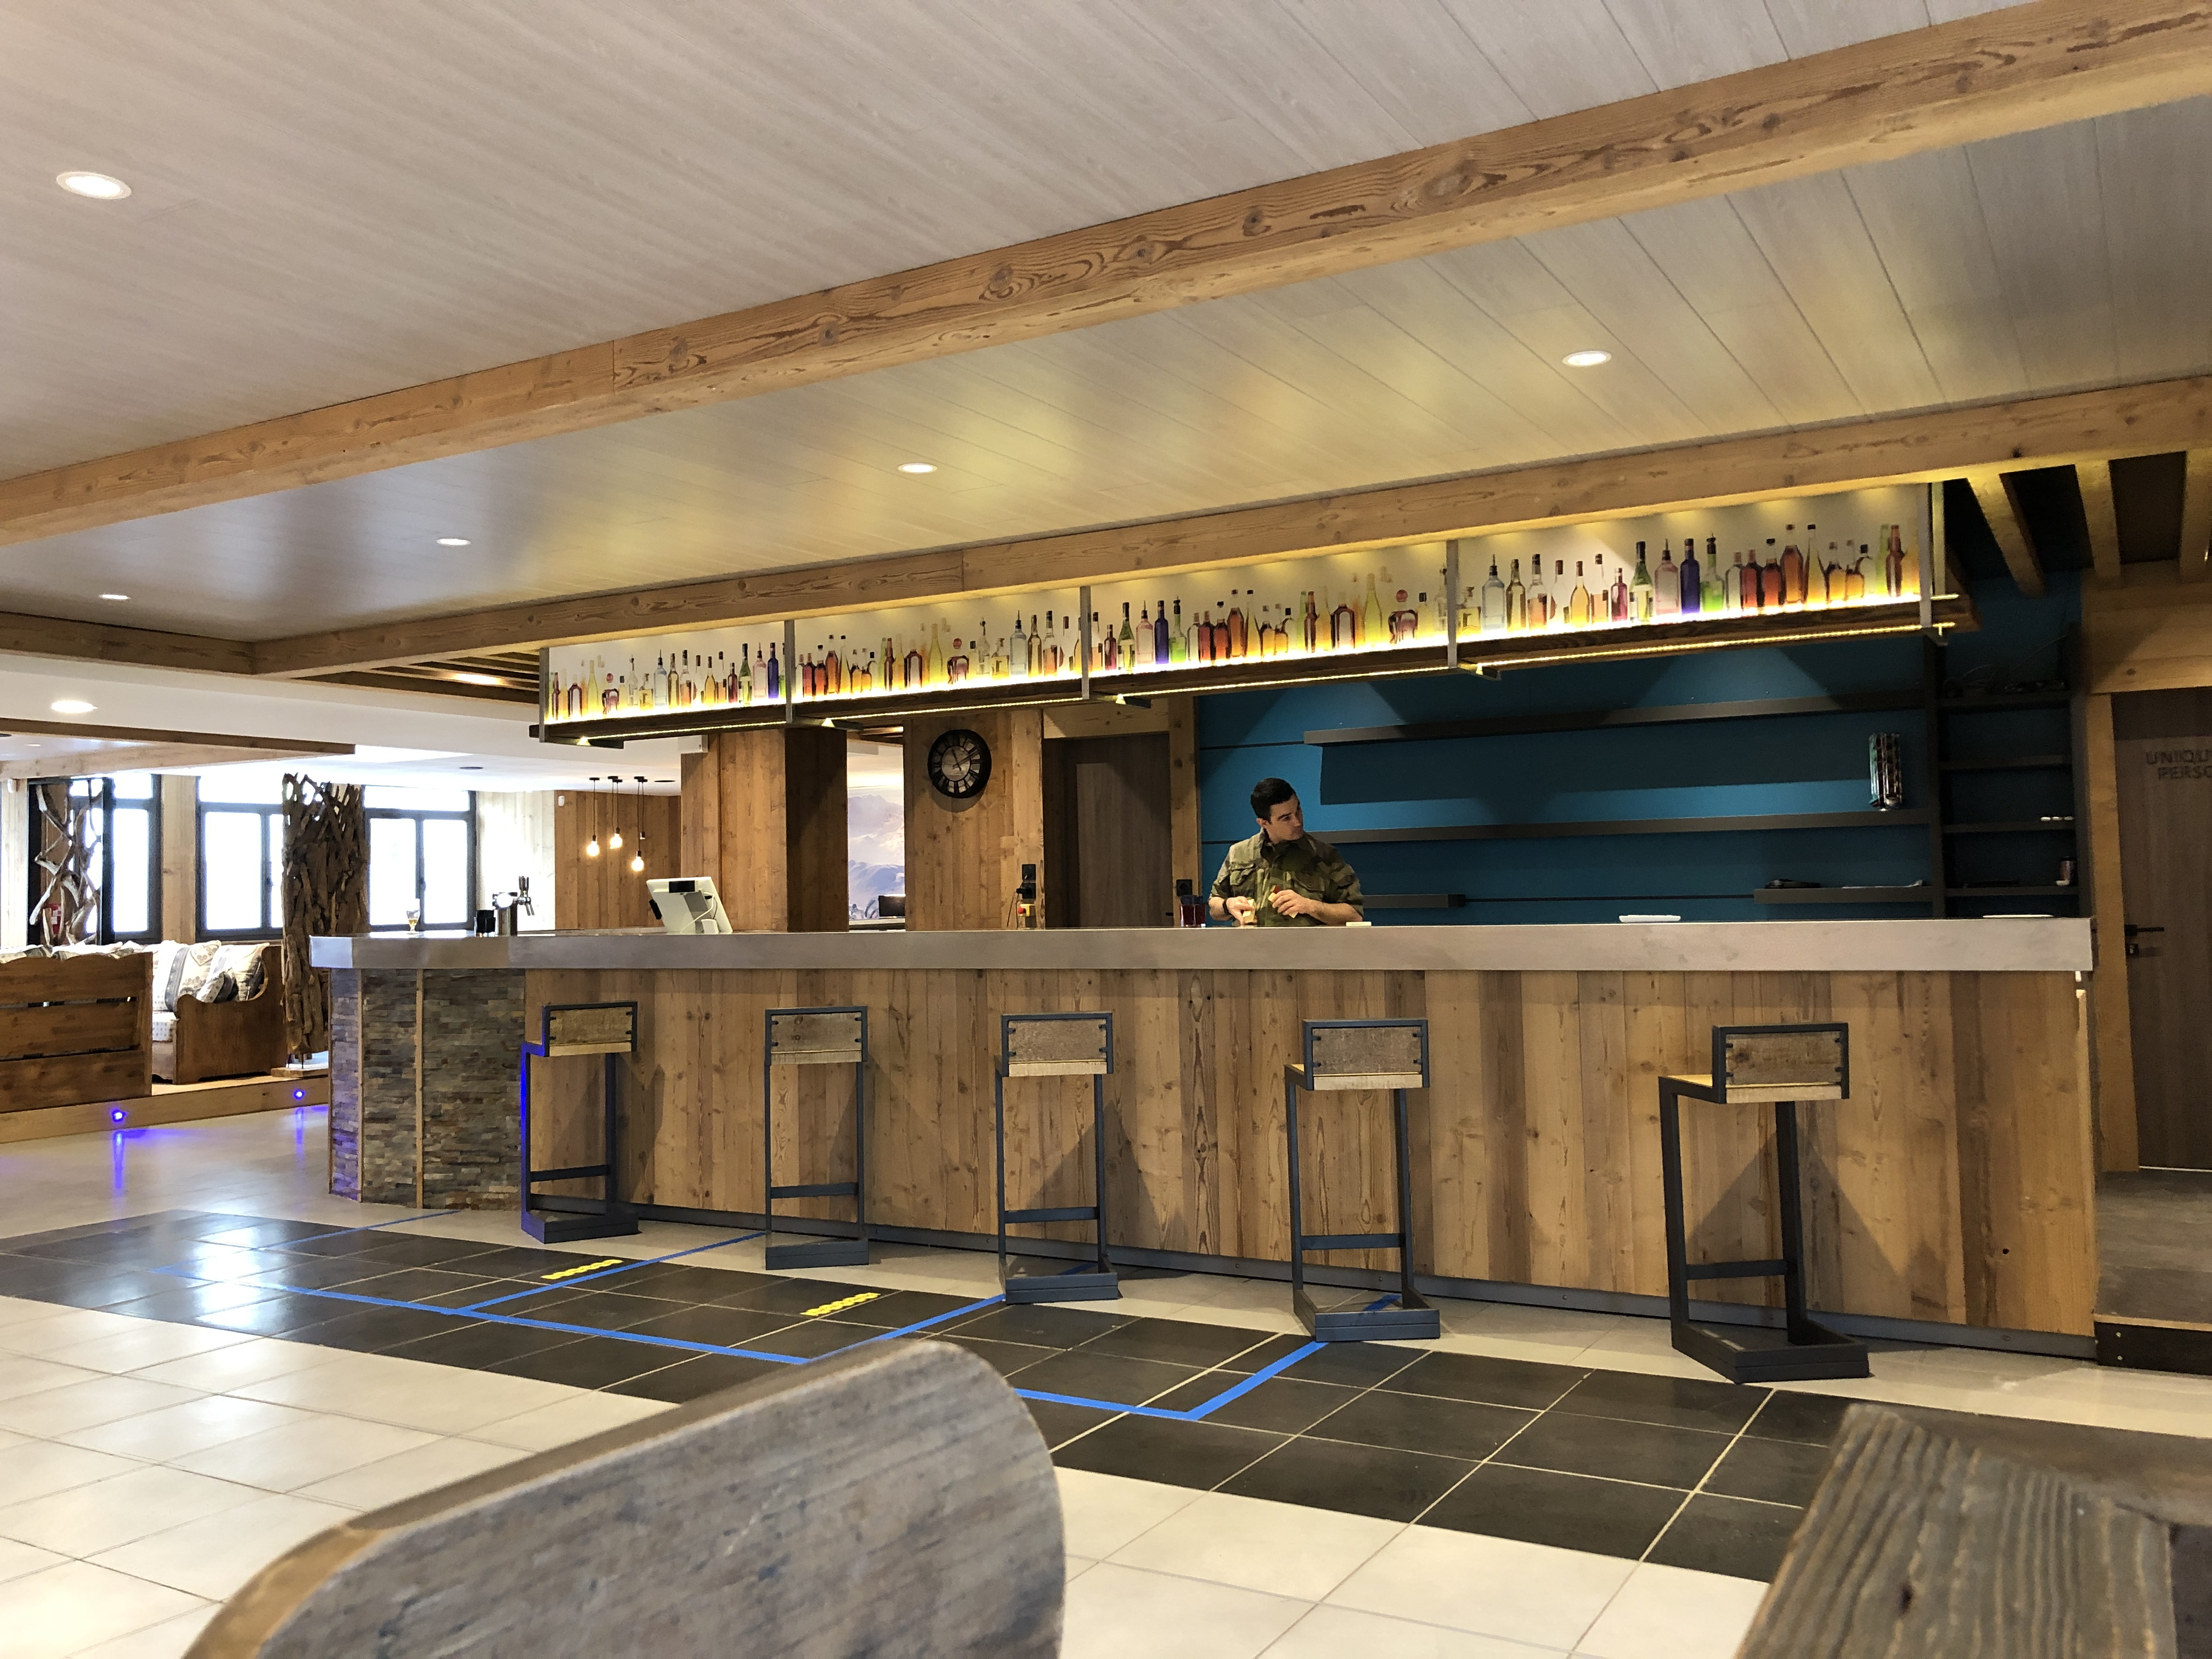 Caserne de Varces - Casquette bar